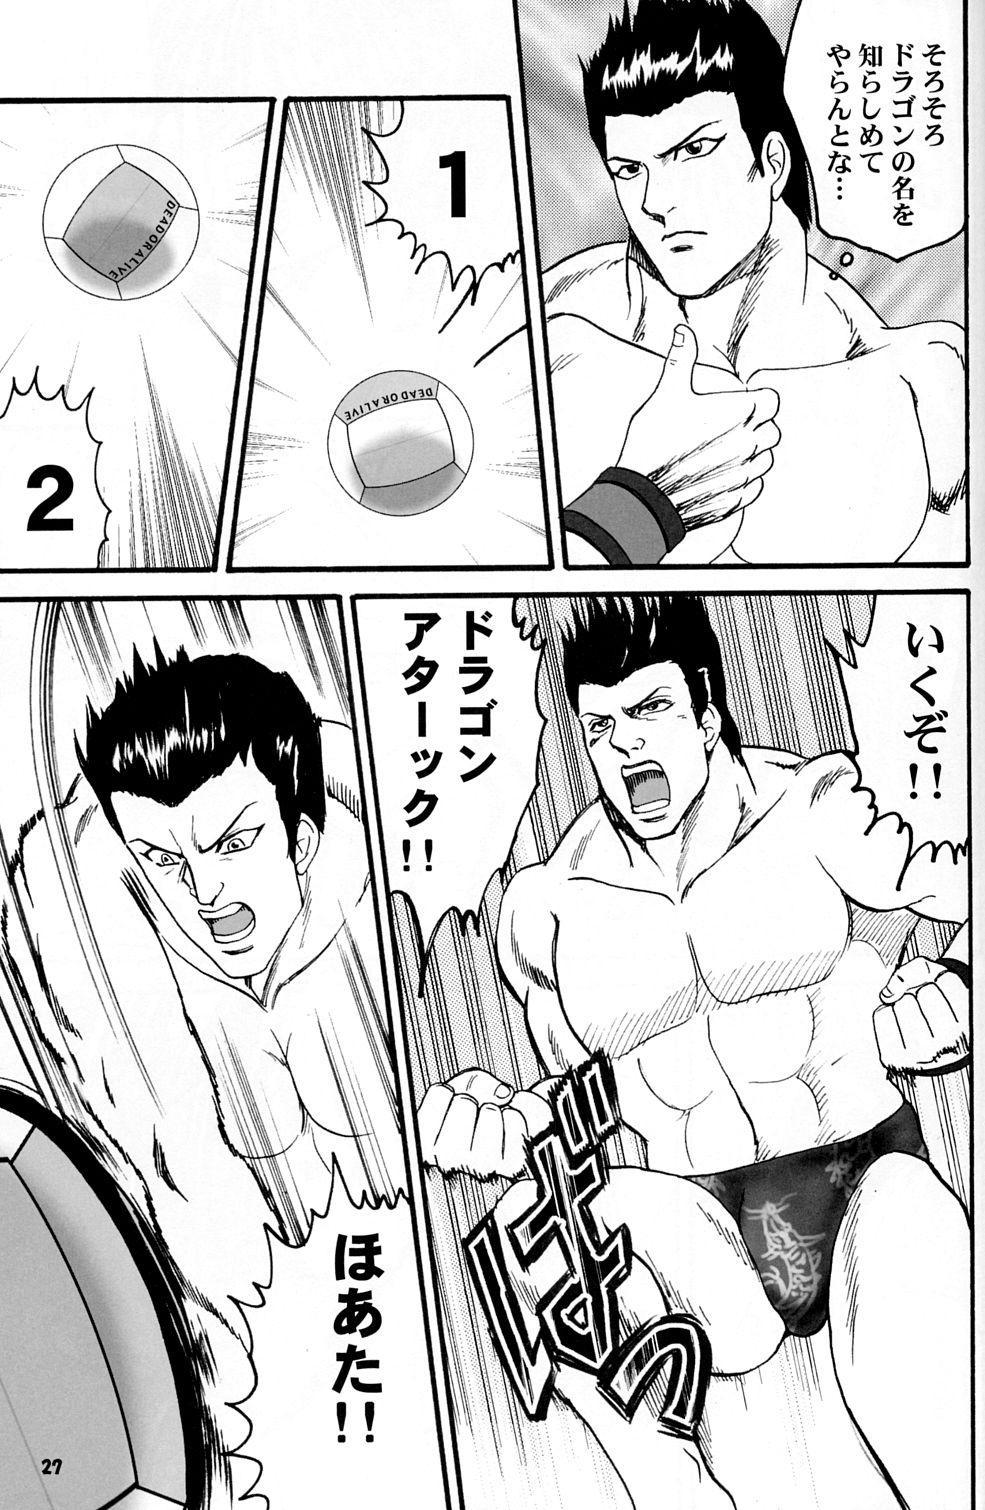 Gokujou desu yo! - It's XTREME! 25